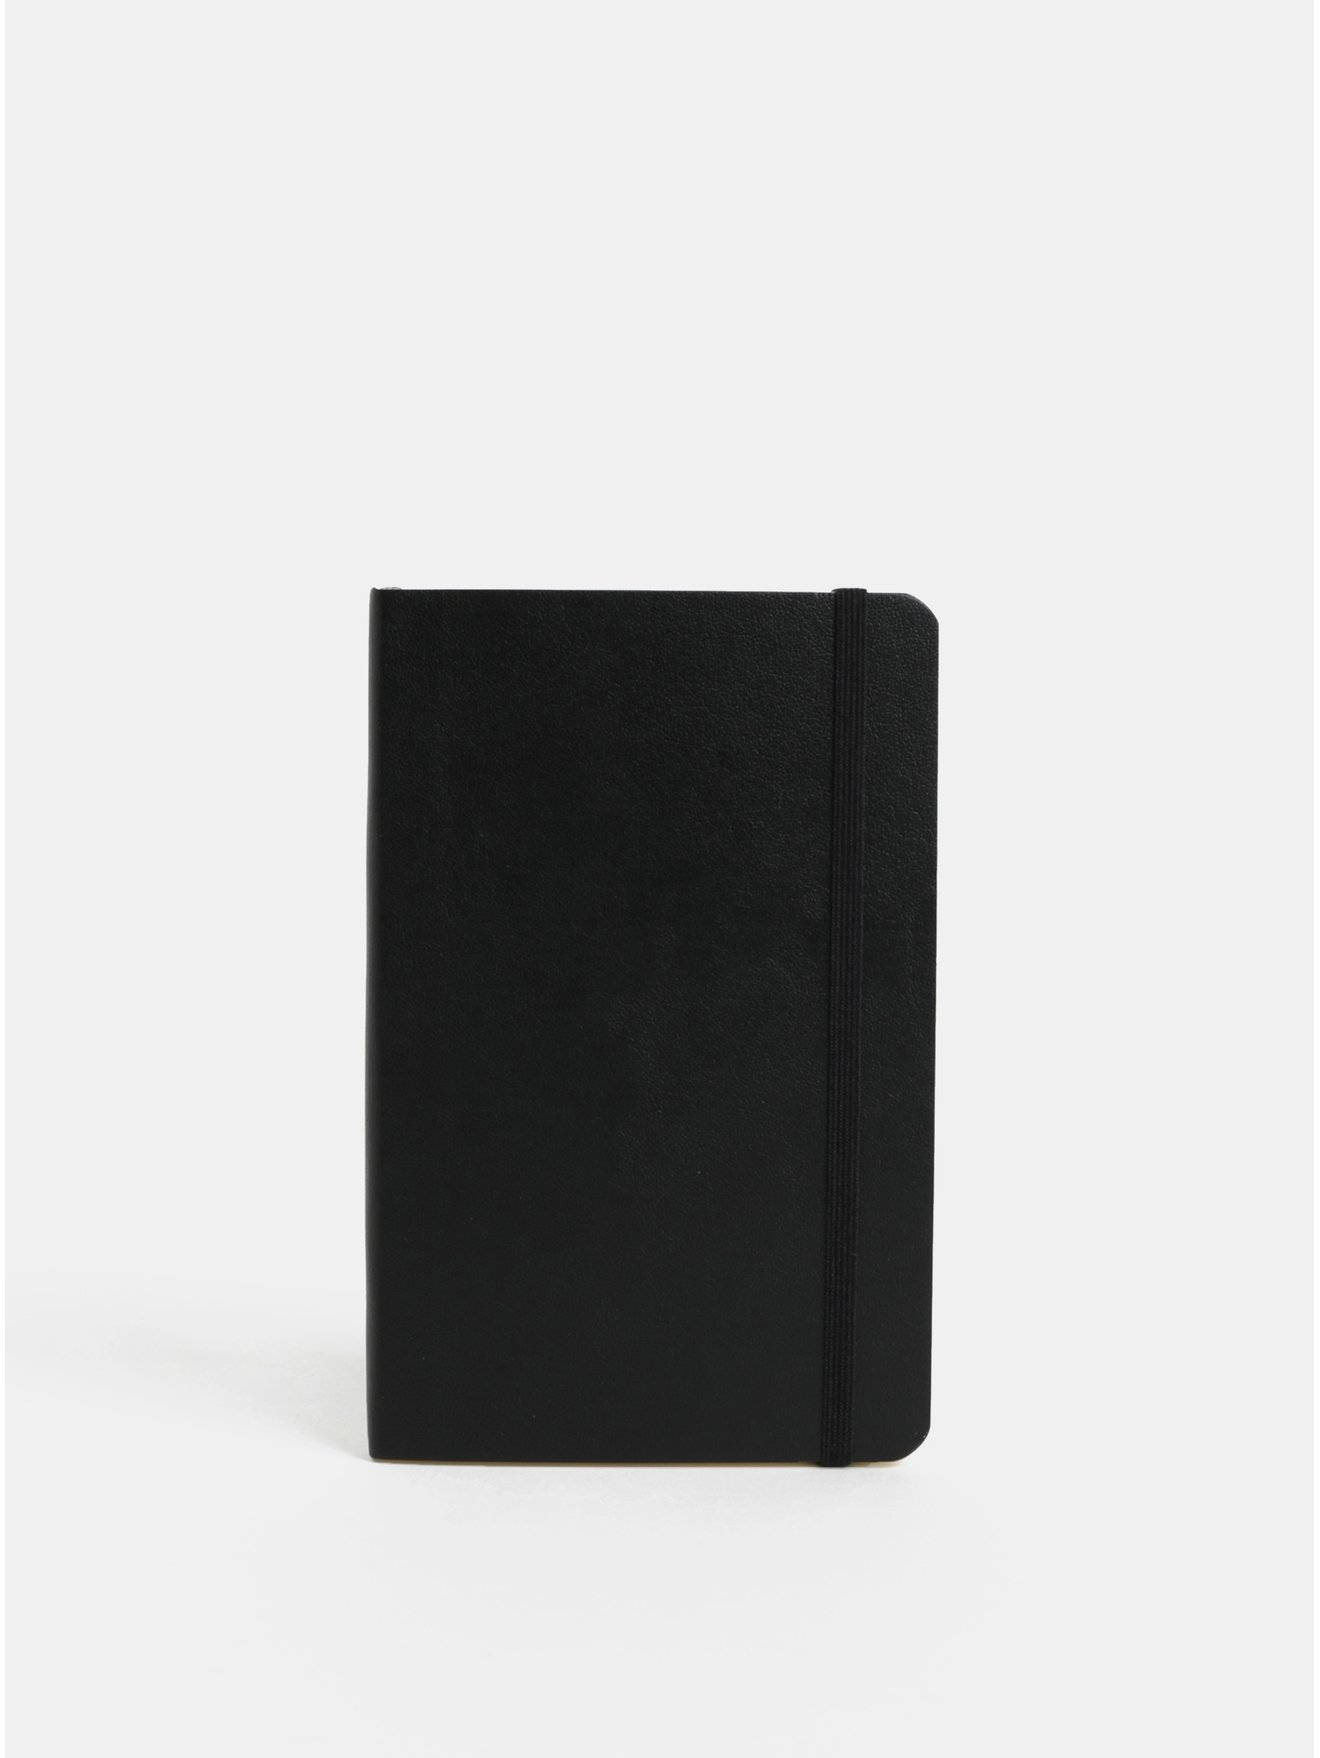 Černý linkovaný mini zápisník s měkkou vazbou Moleskine A6